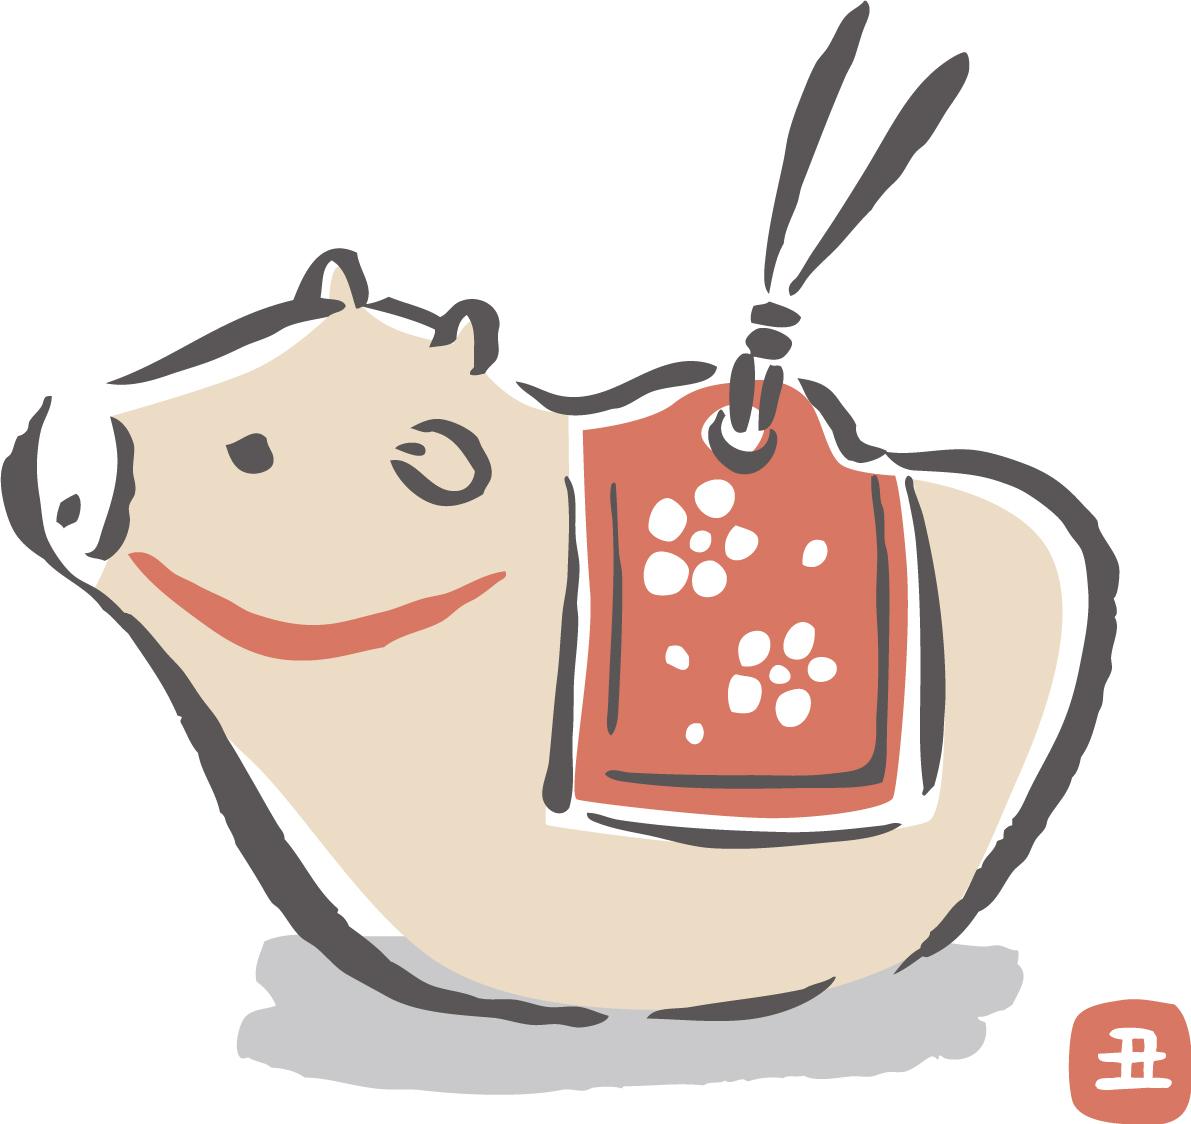 フセハツ工業社員ブログ~謹賀新年!今年もよろしくお願いします!!~